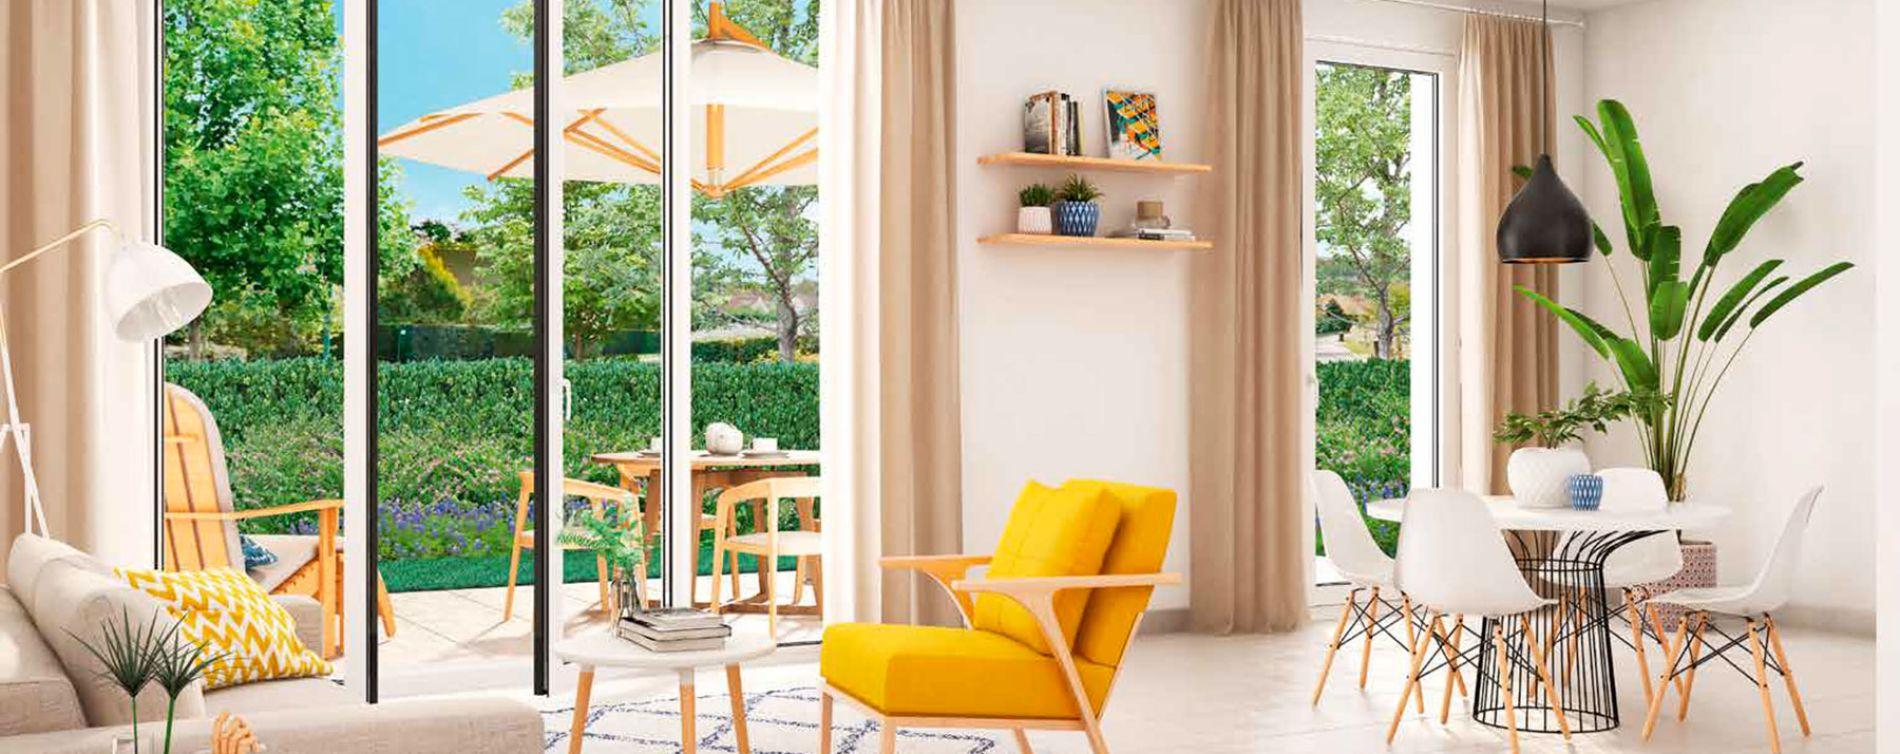 Saint-Jean-de-Védas : programme immobilier neuve « Côté Village » (2)